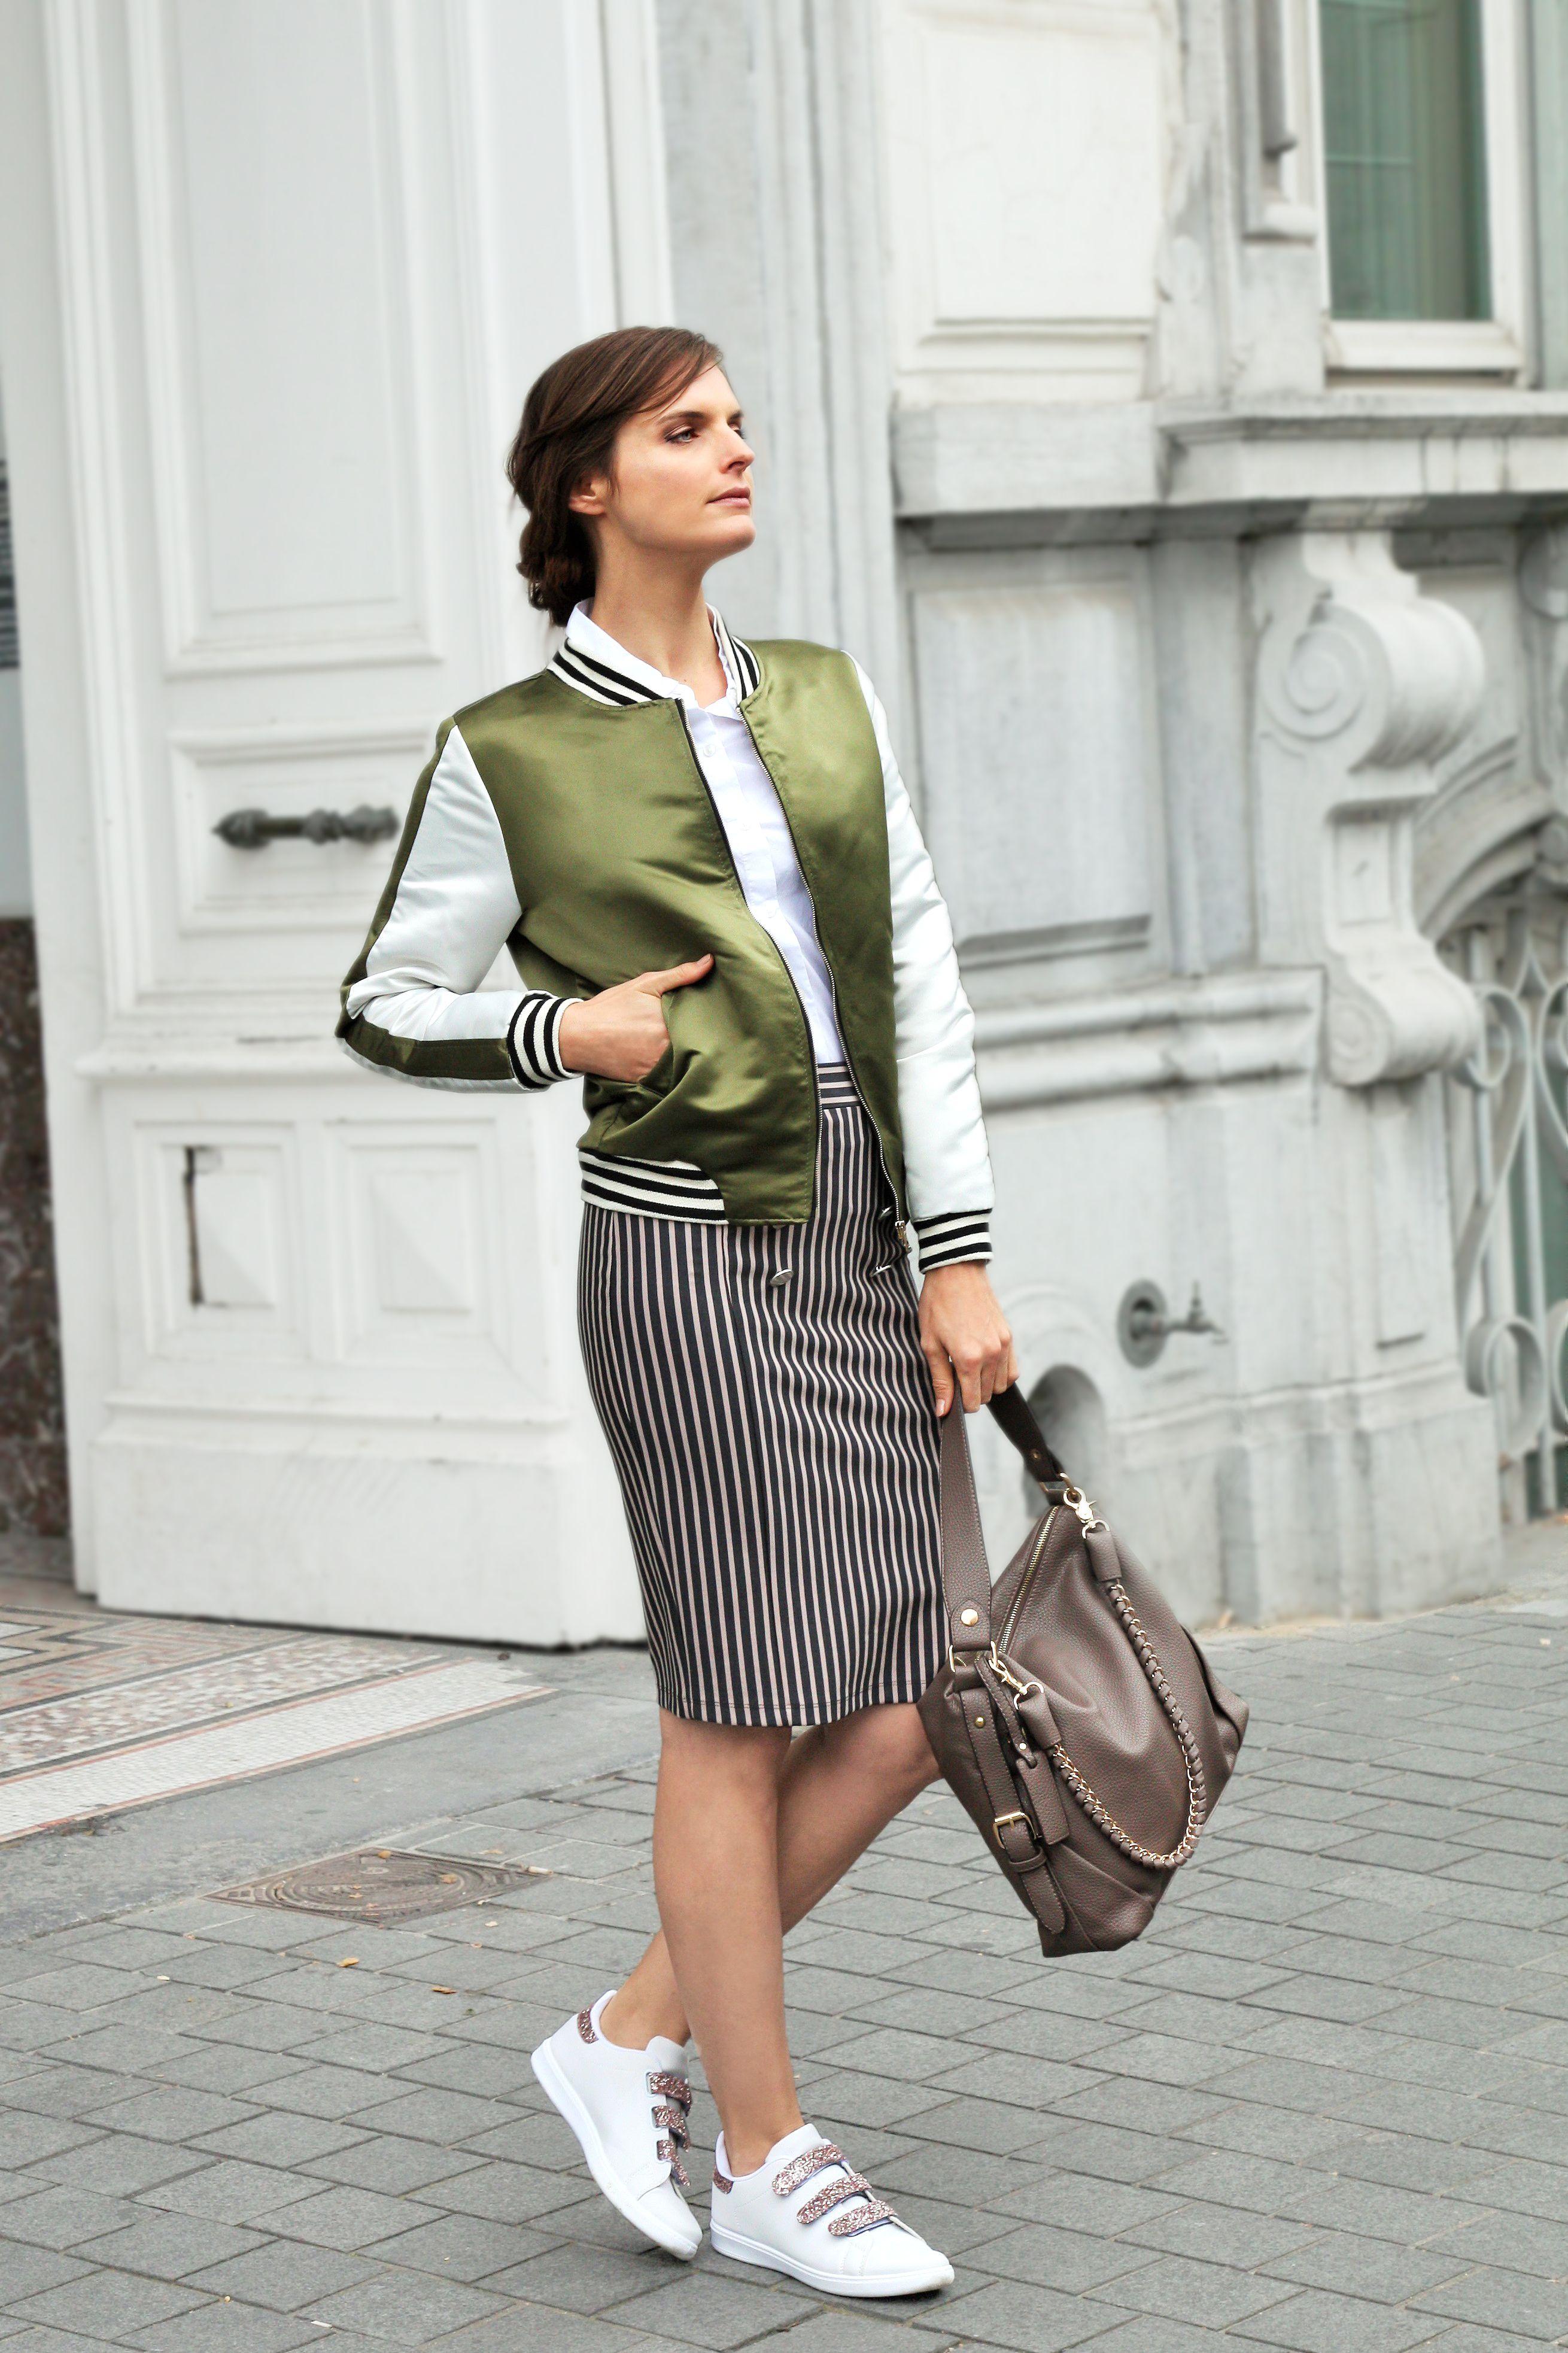 Combinez une jupe crayon avec un blouson aviateur et des baskets pour une  tenue de travail tendance ! 216a92aa98cd